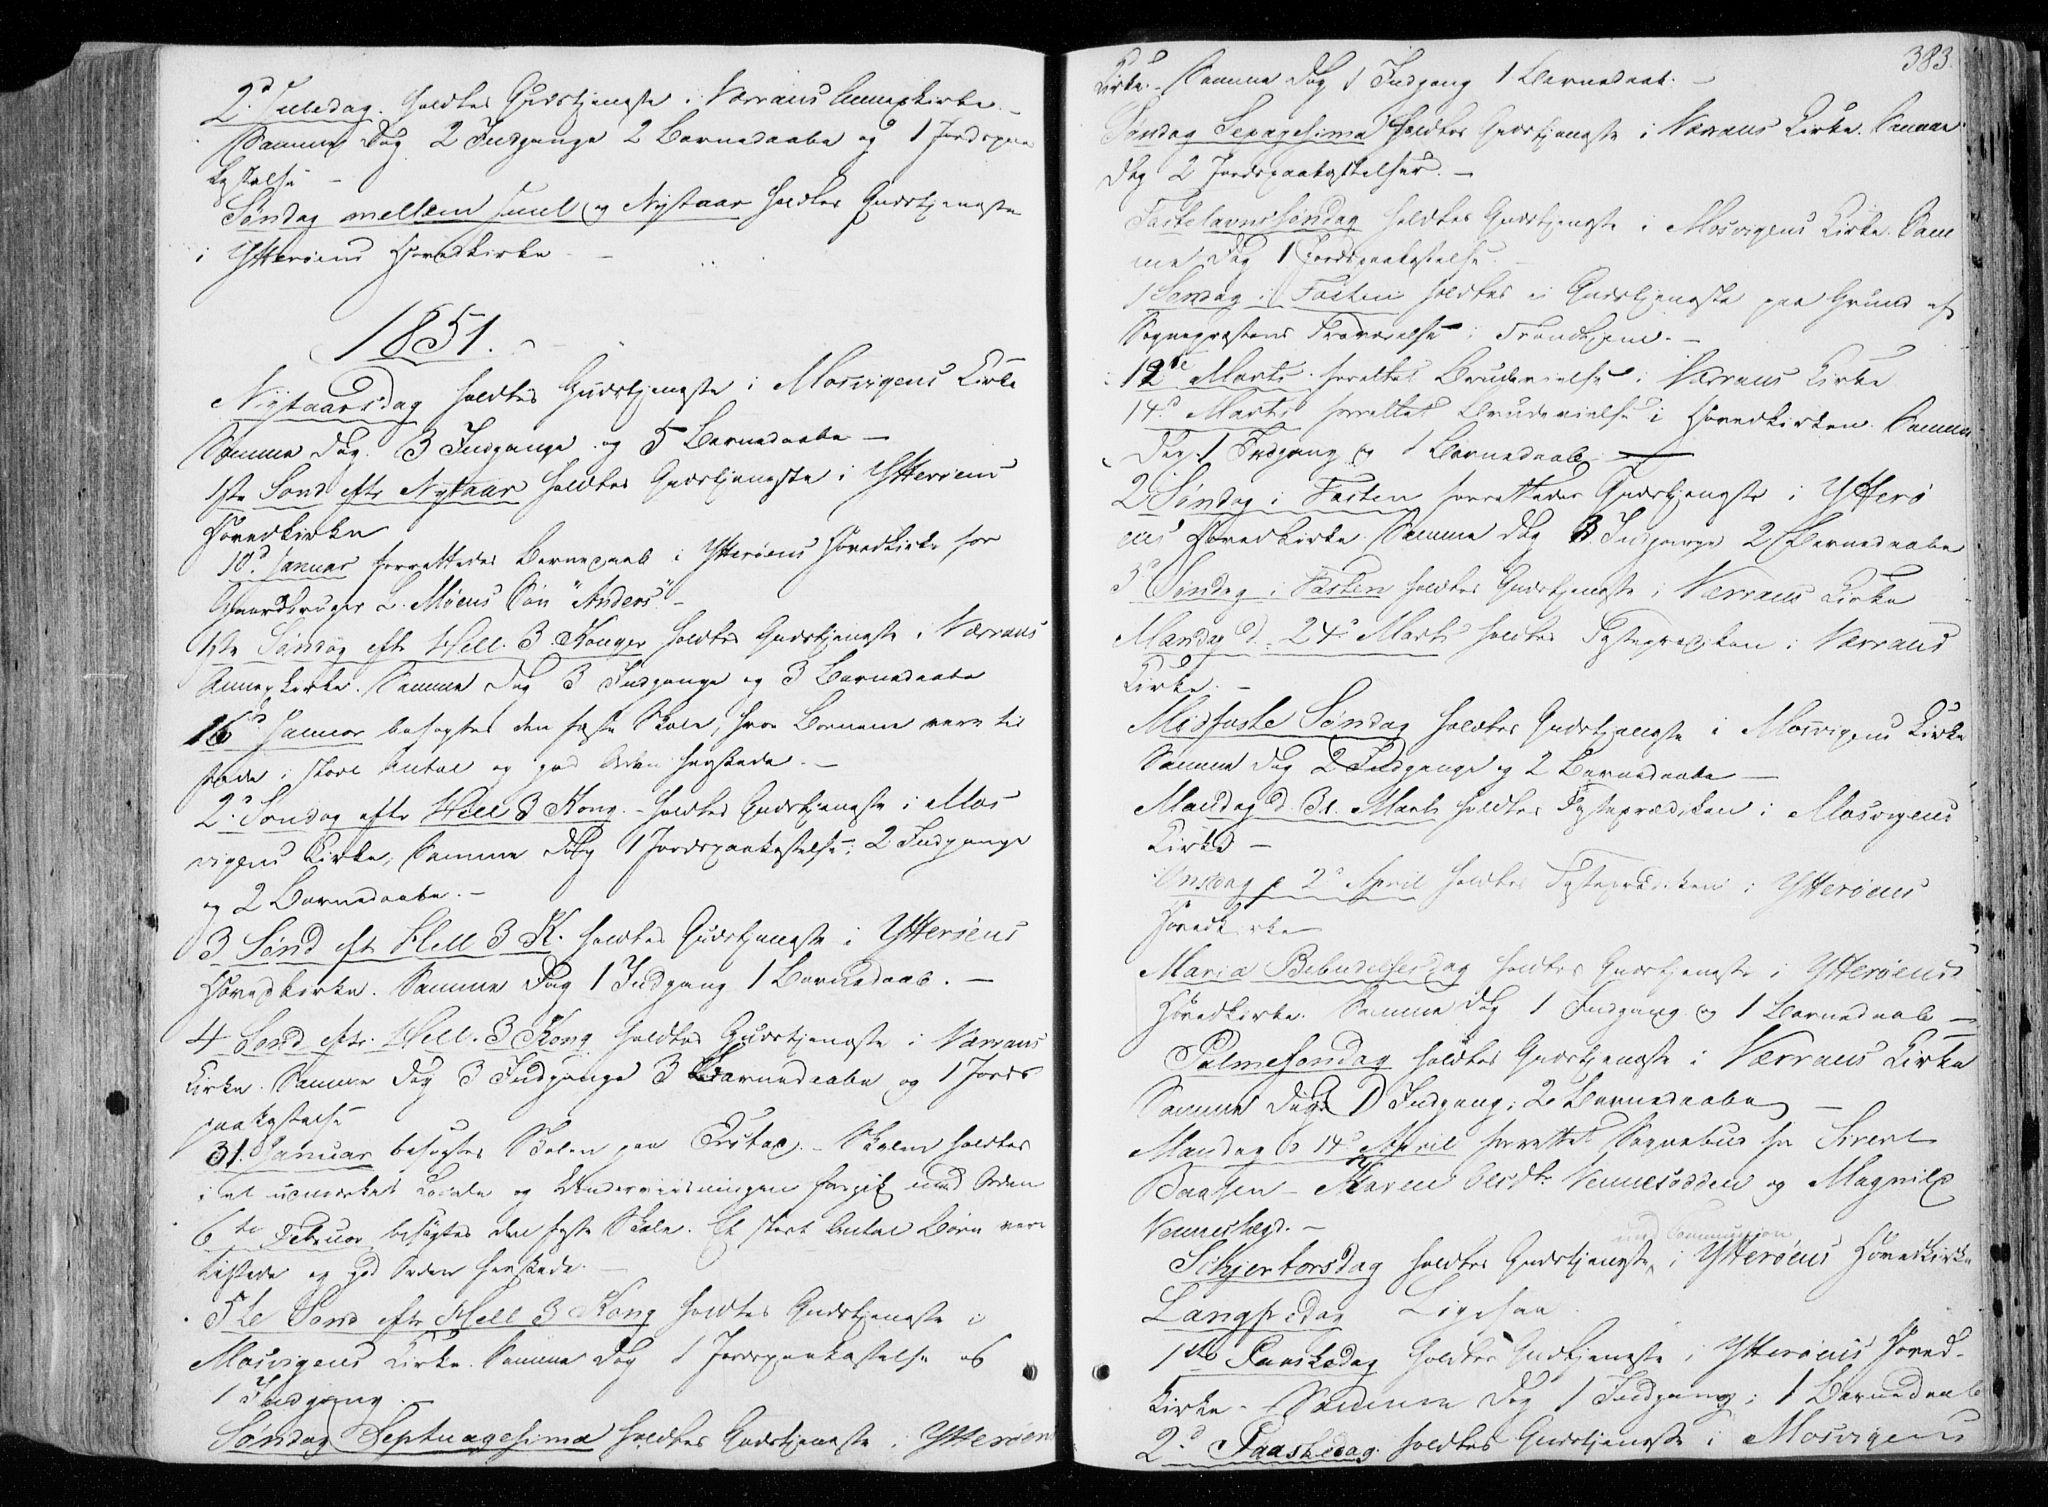 SAT, Ministerialprotokoller, klokkerbøker og fødselsregistre - Nord-Trøndelag, 722/L0218: Ministerialbok nr. 722A05, 1843-1868, s. 383